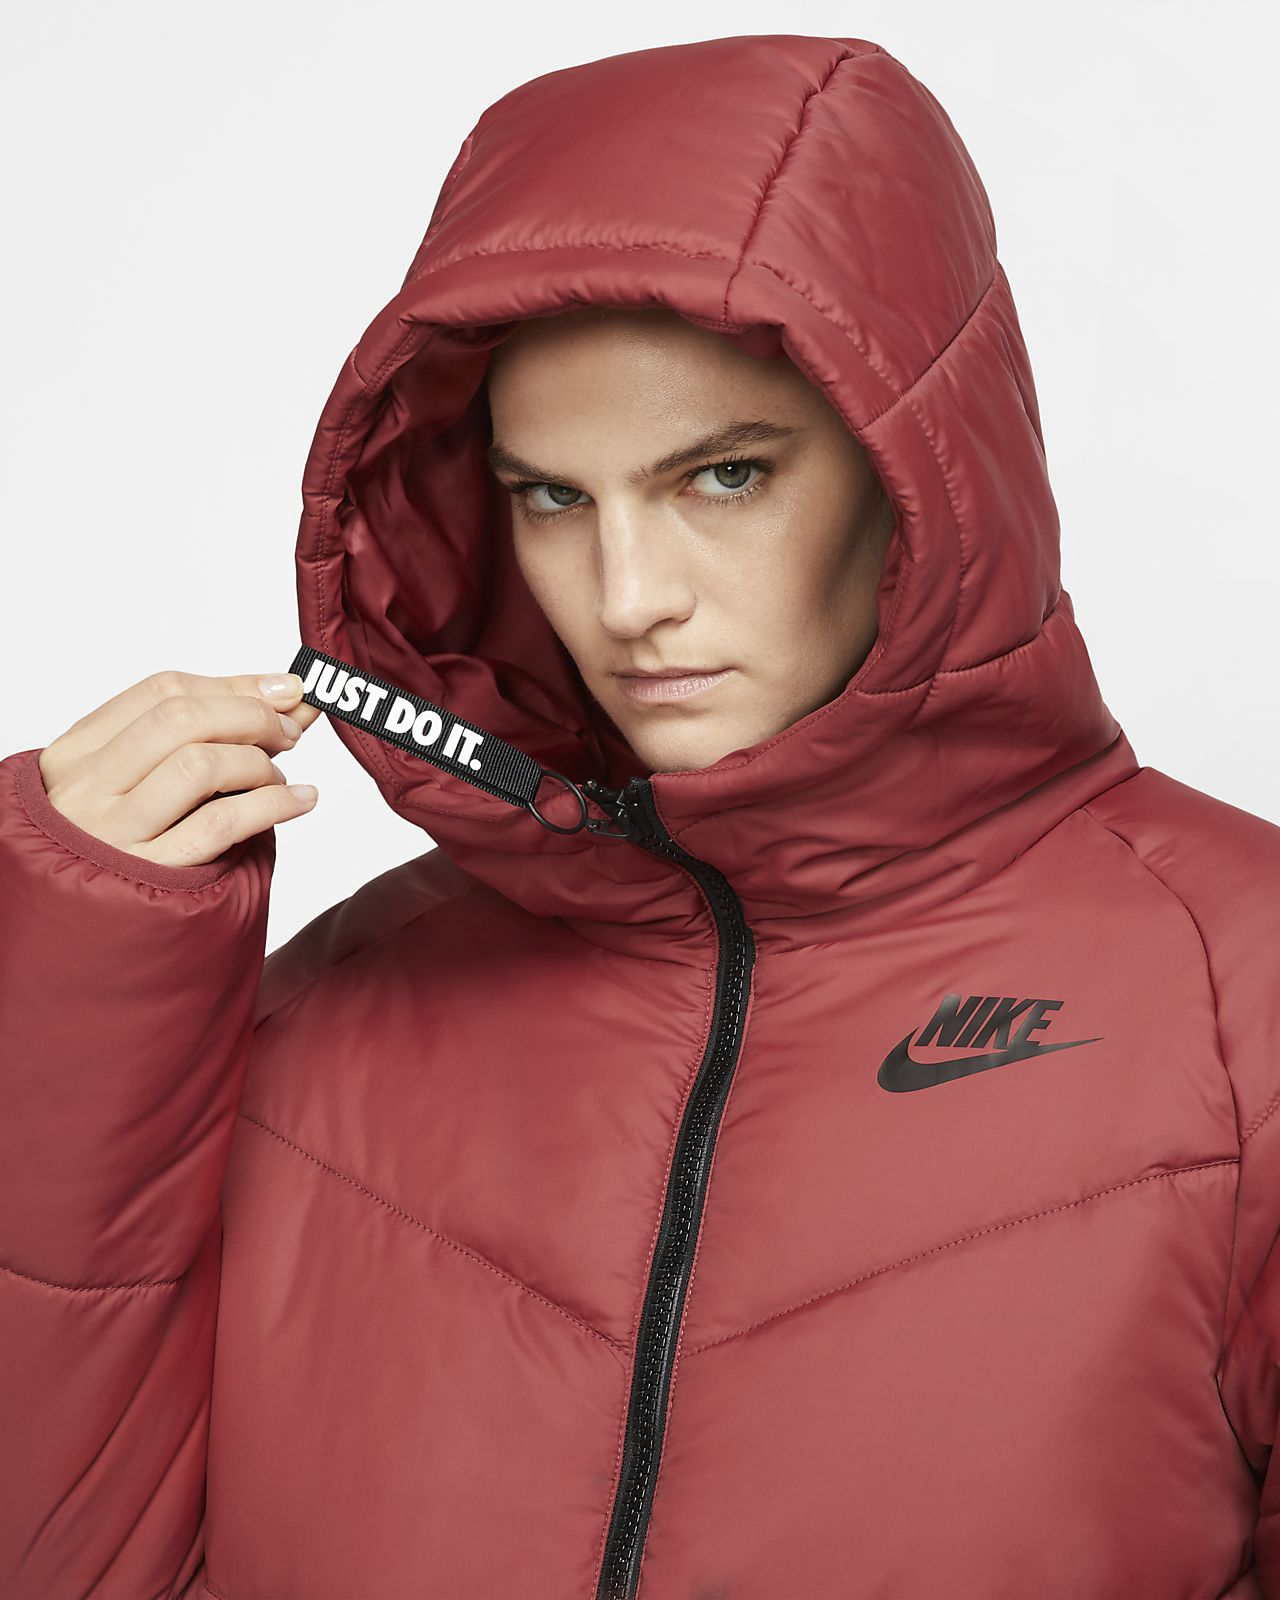 Giacca Nike Just Donna It Do shrCxQdt